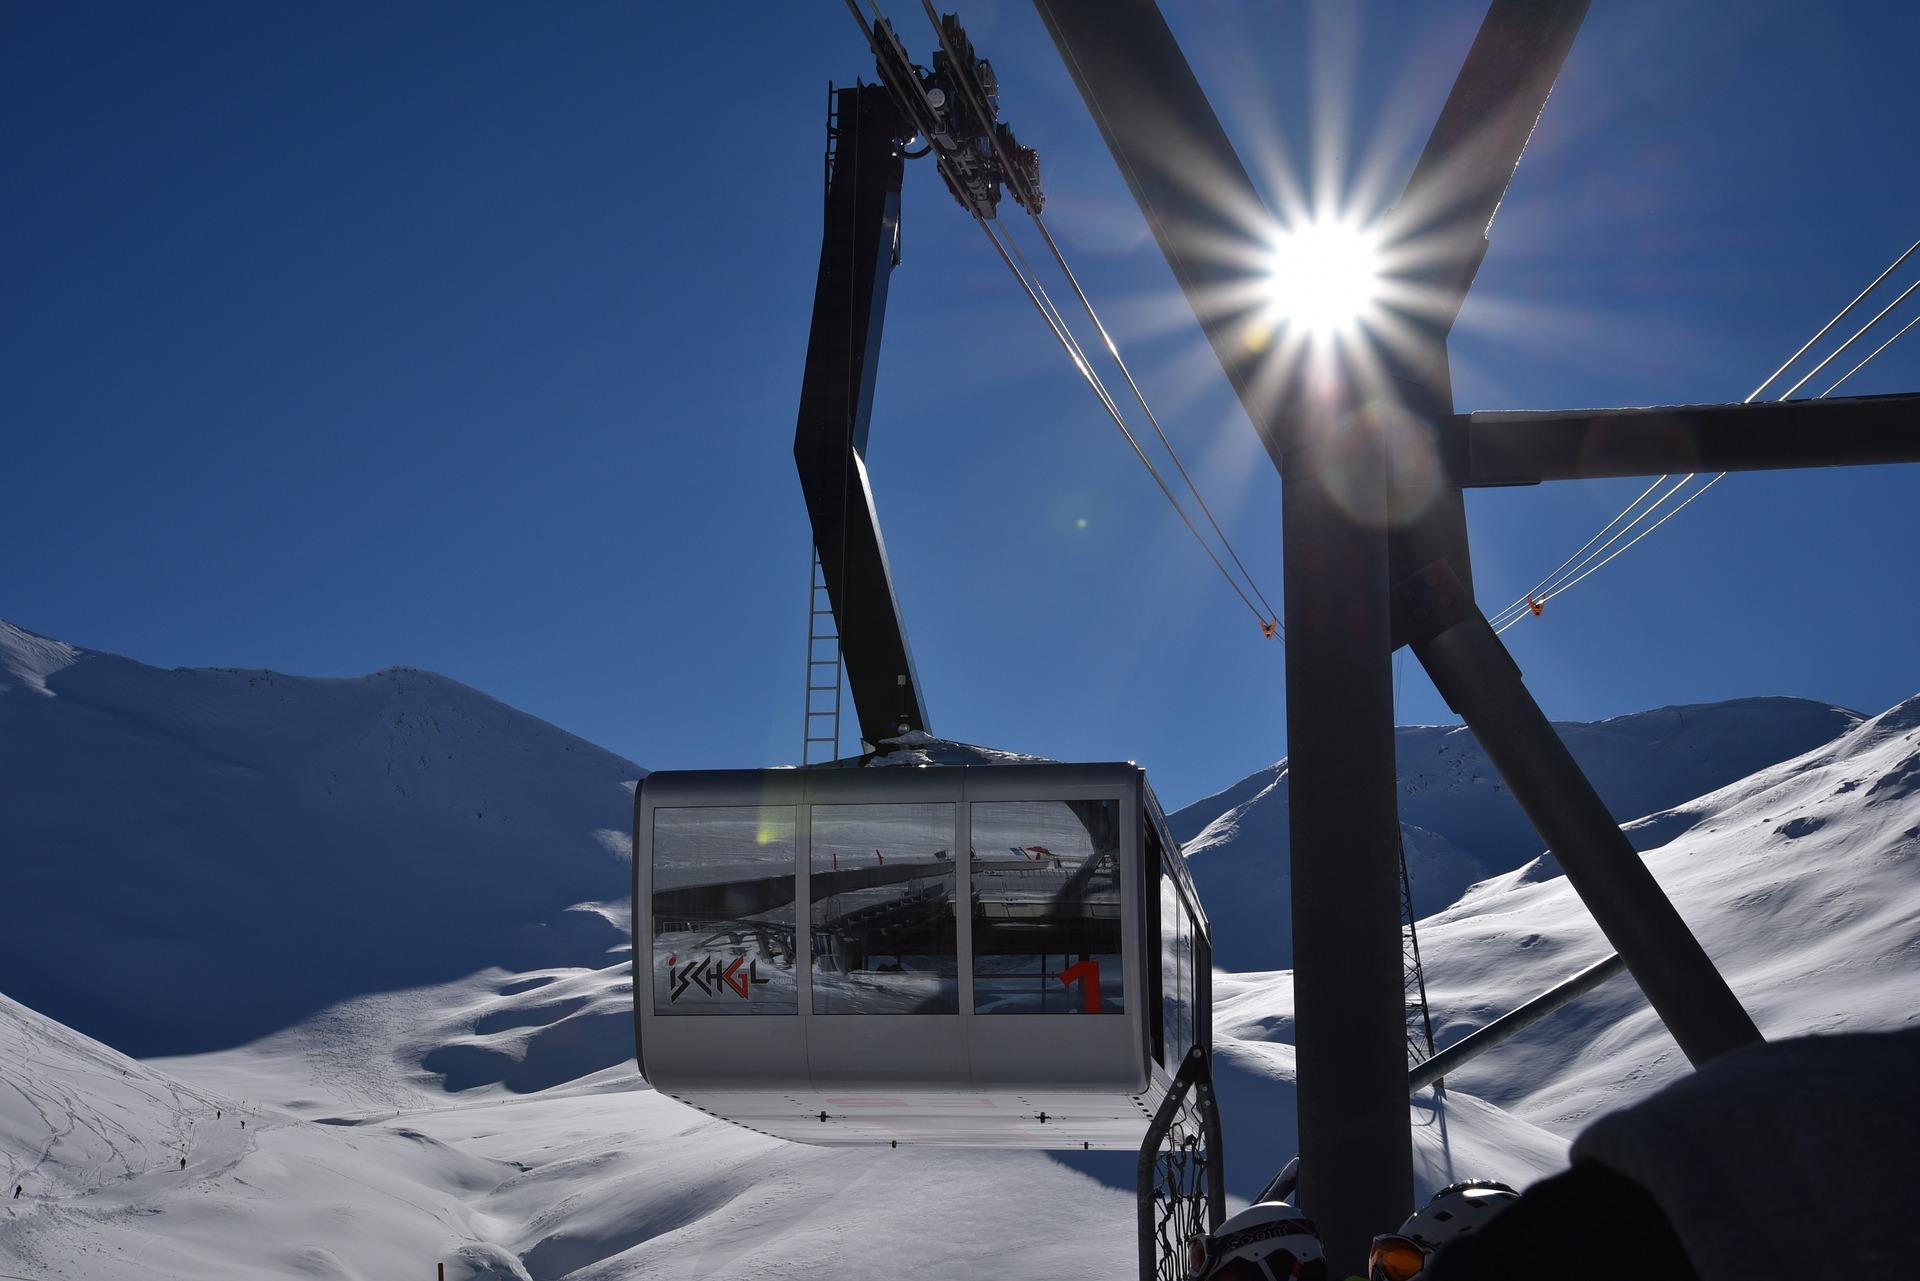 Skiurlaub in Ischgl Österreich ab 179,00€ inklusive Skipass